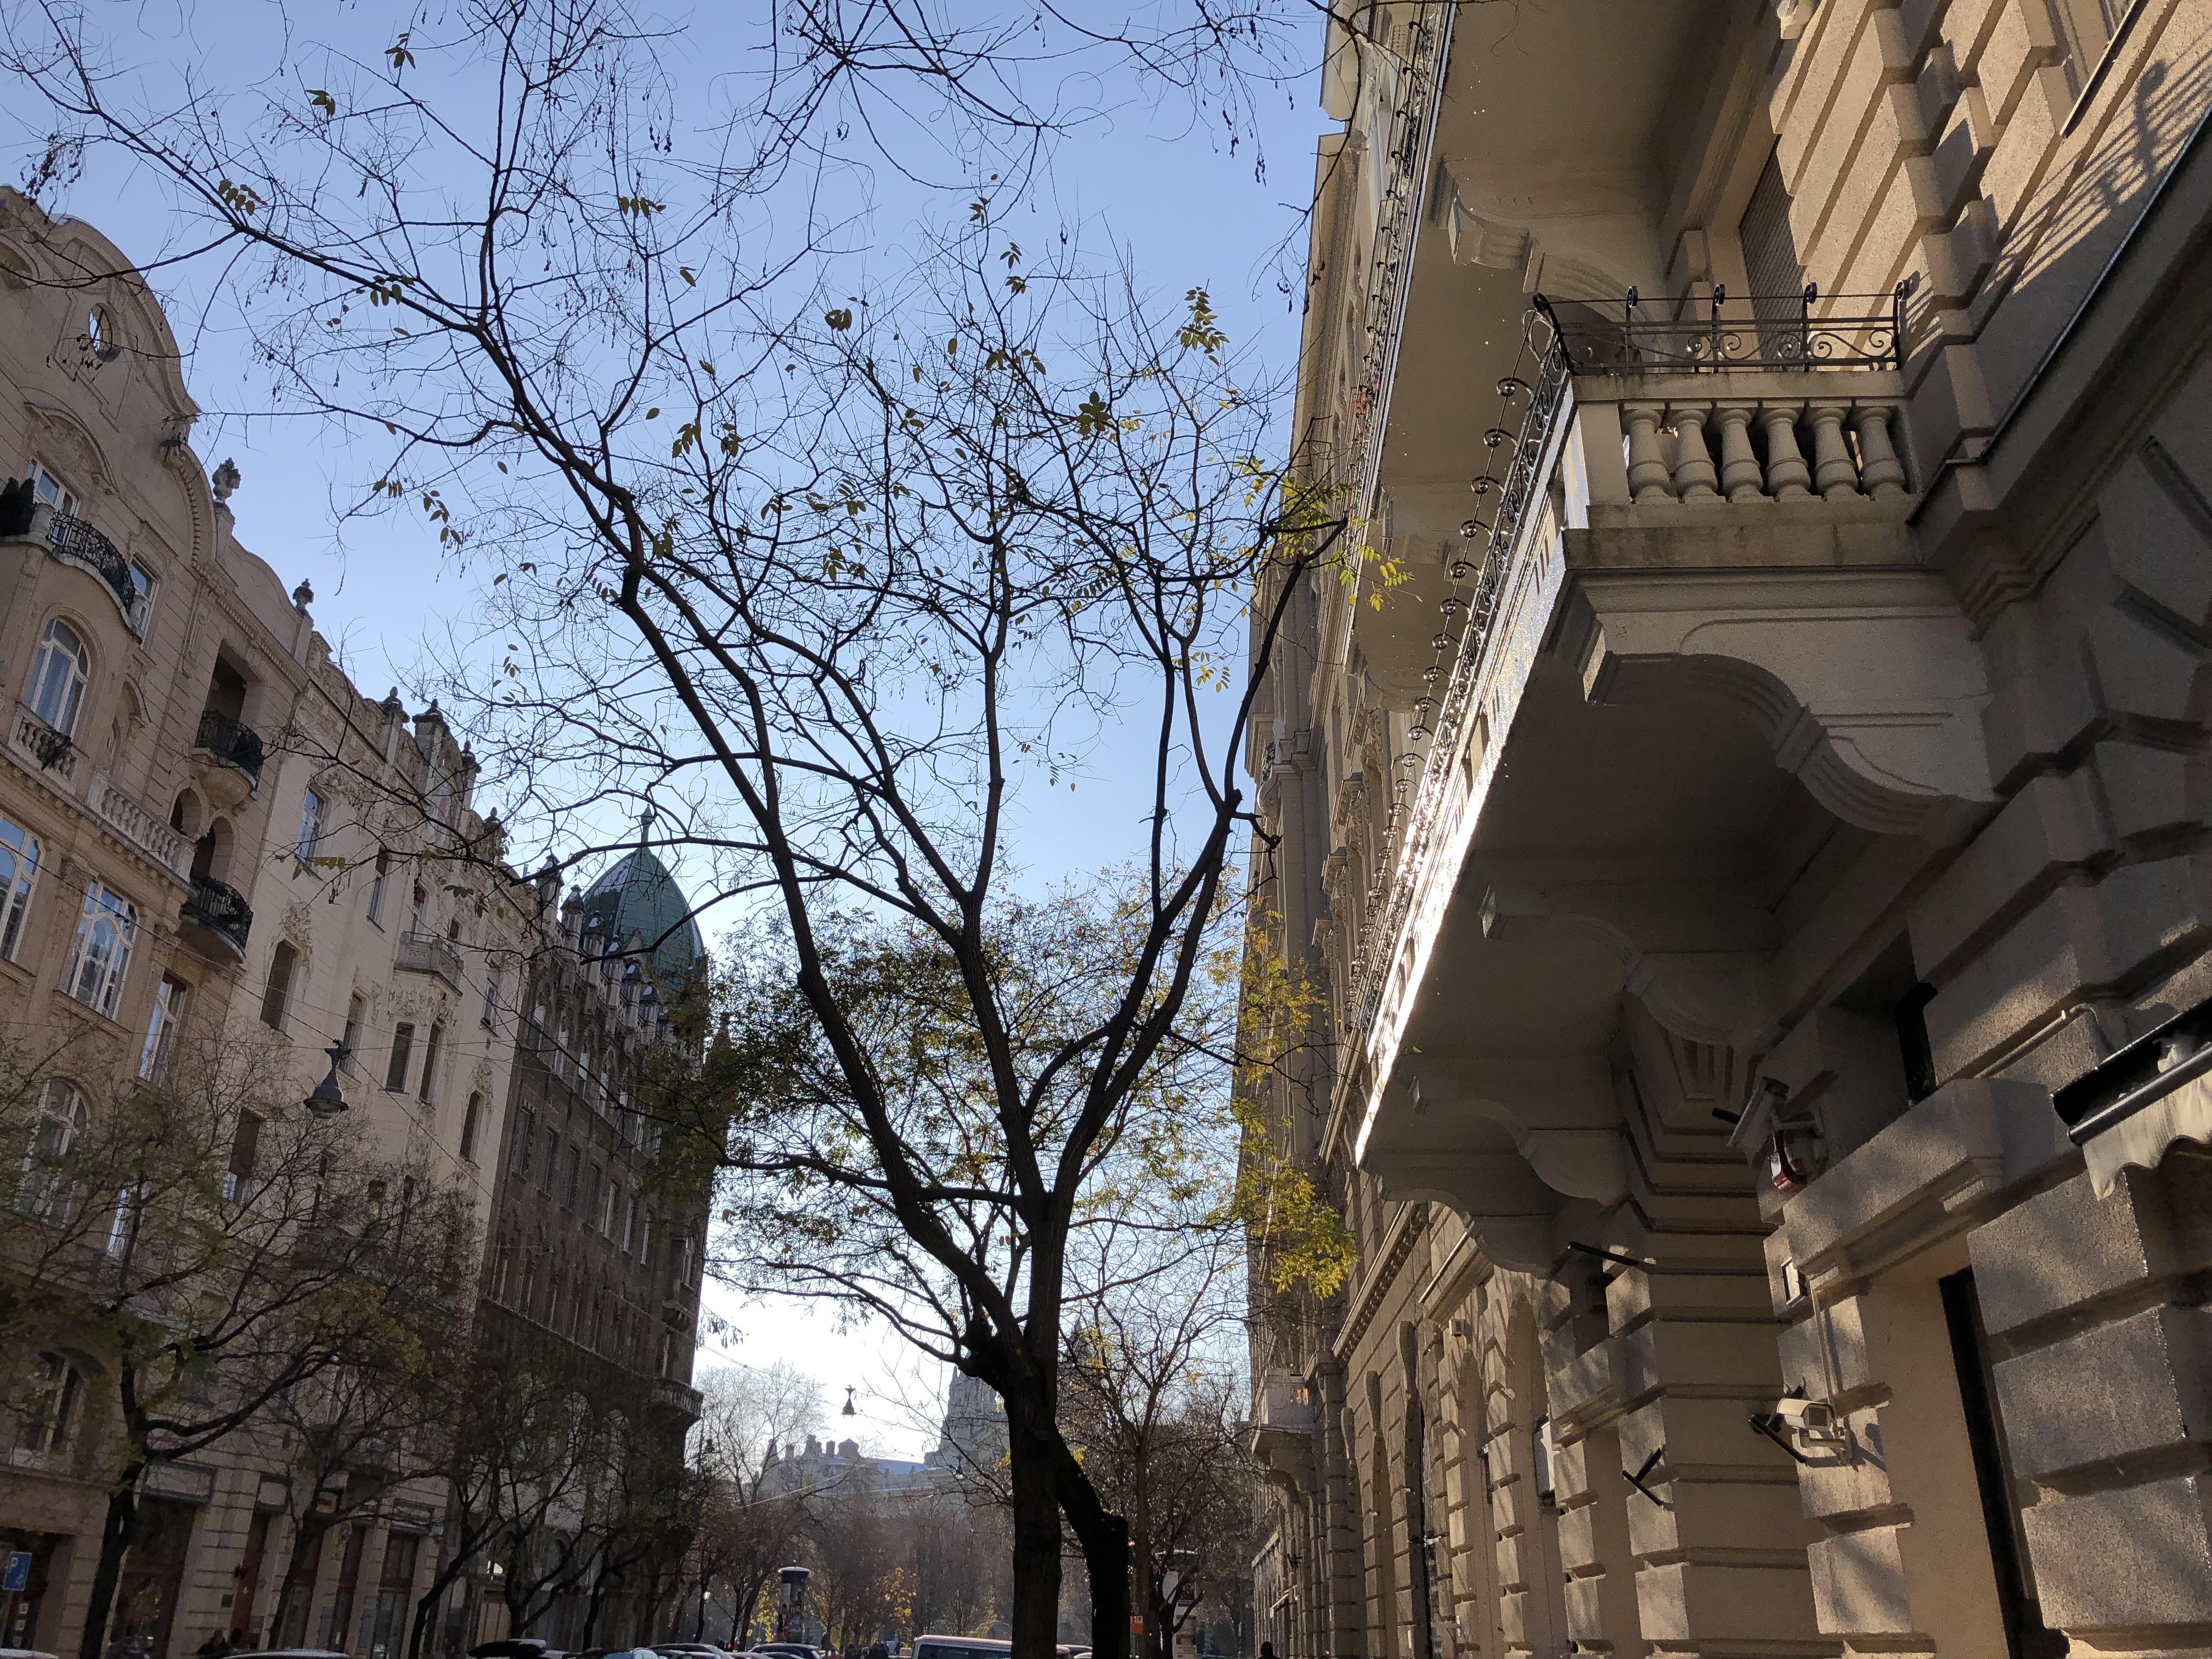 La belle lumière d'hiver sur les façades d'un quartier de Pest